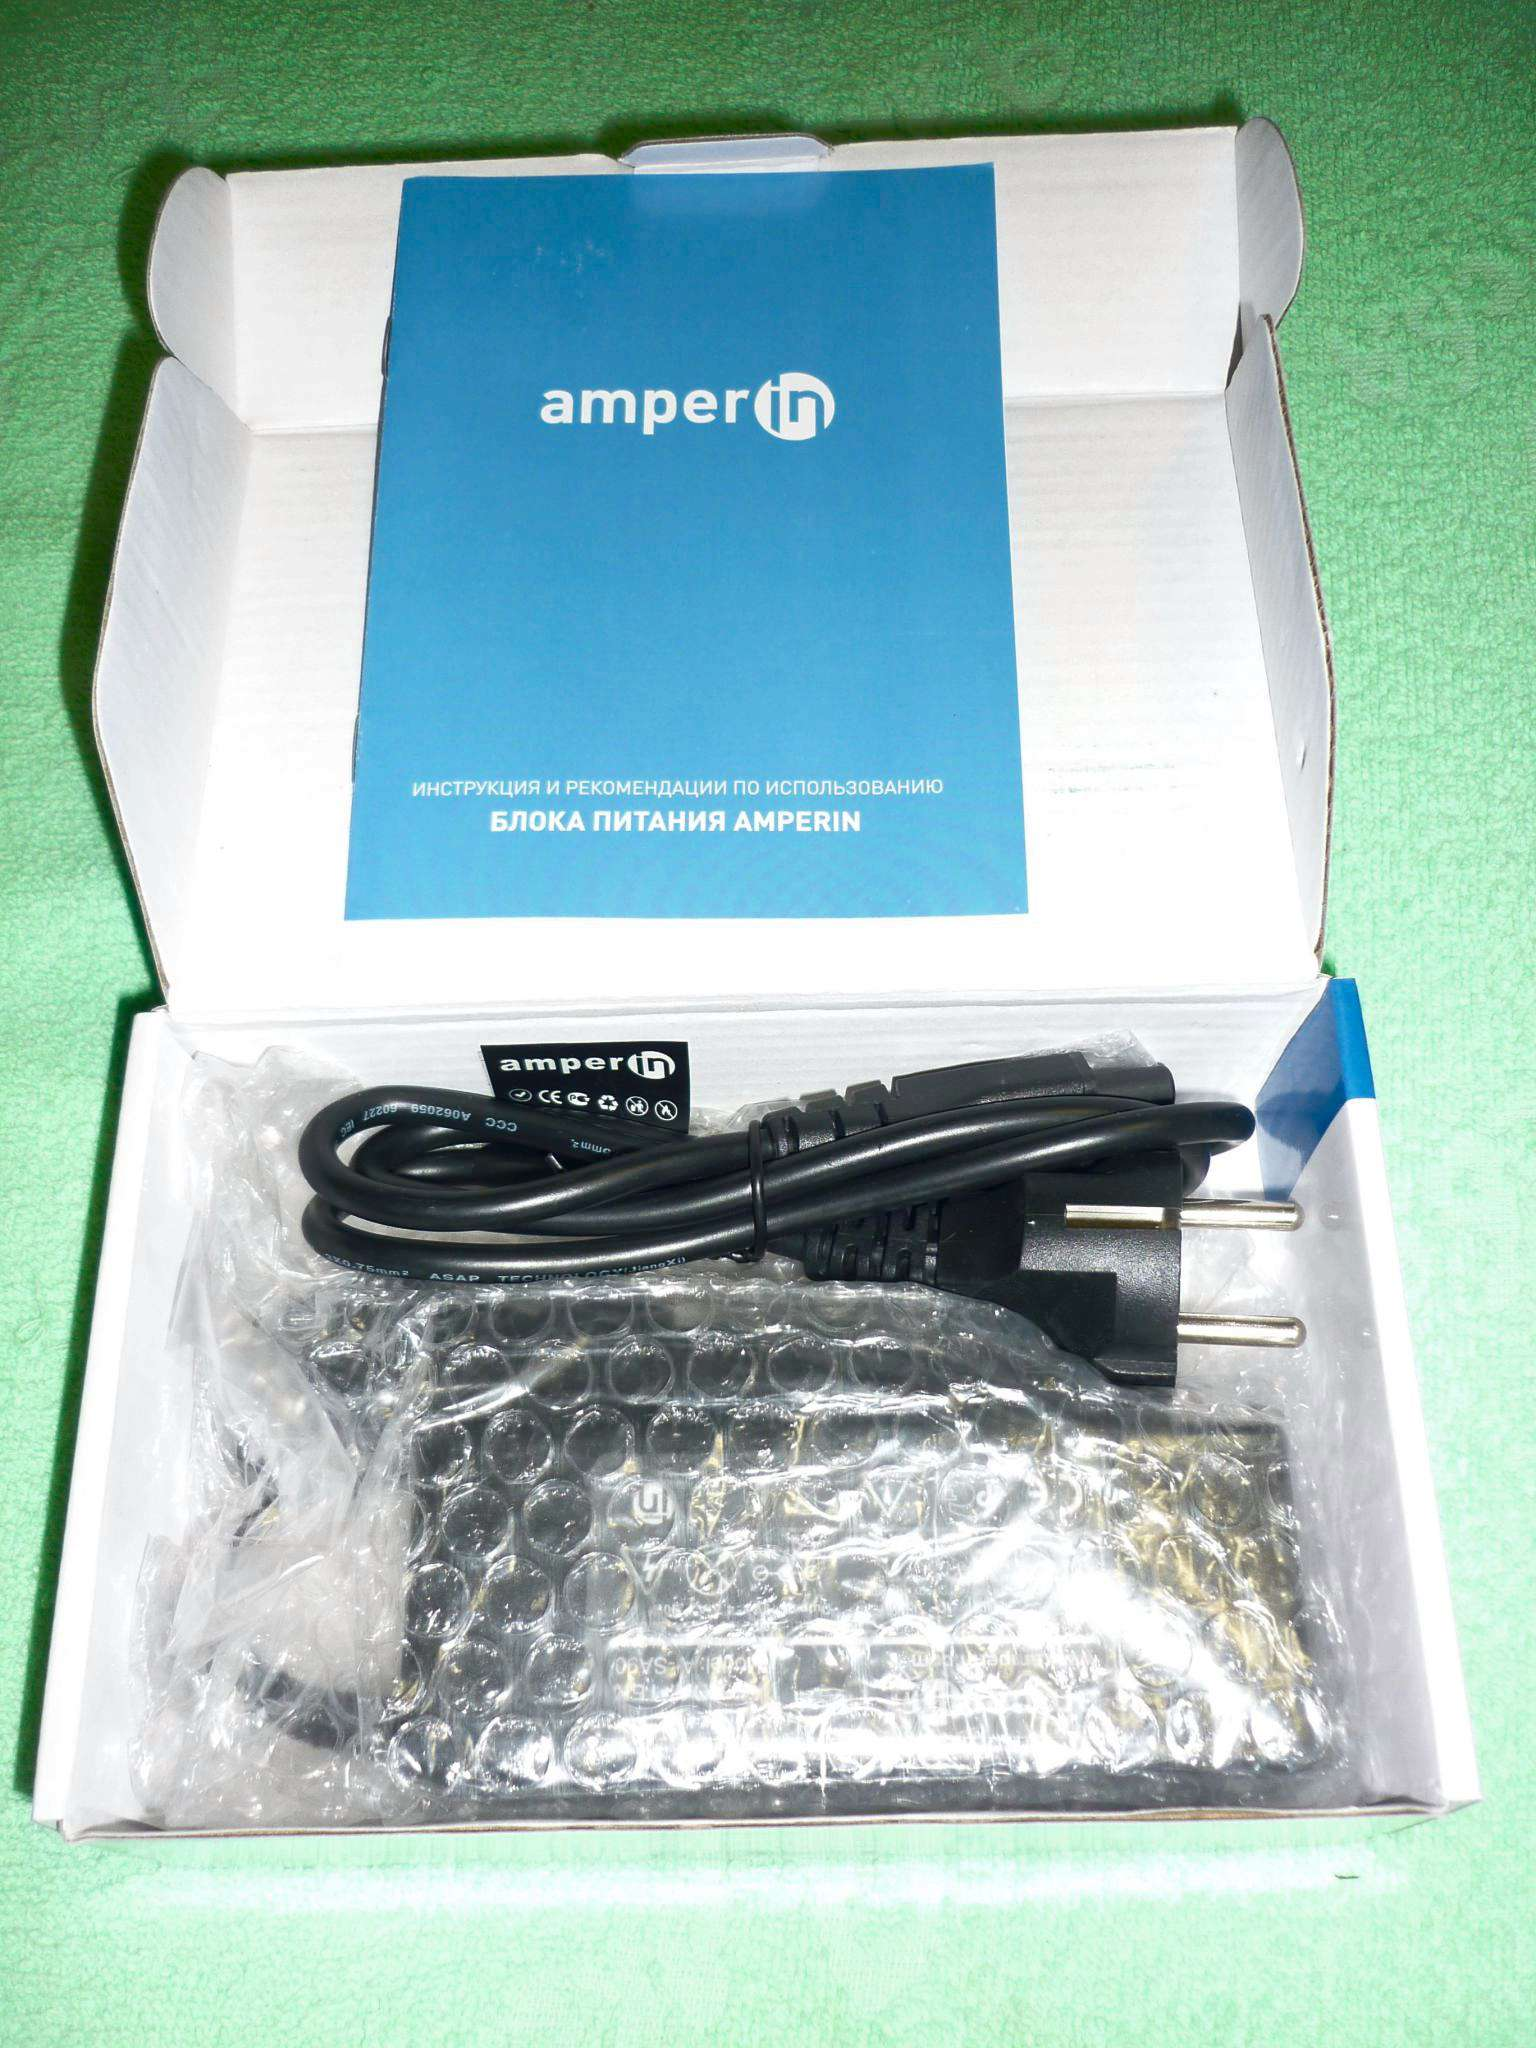 Блок питания Amperin AI-AS65 для ASUS 19V 3.42A 5.5x2.5mm 65W